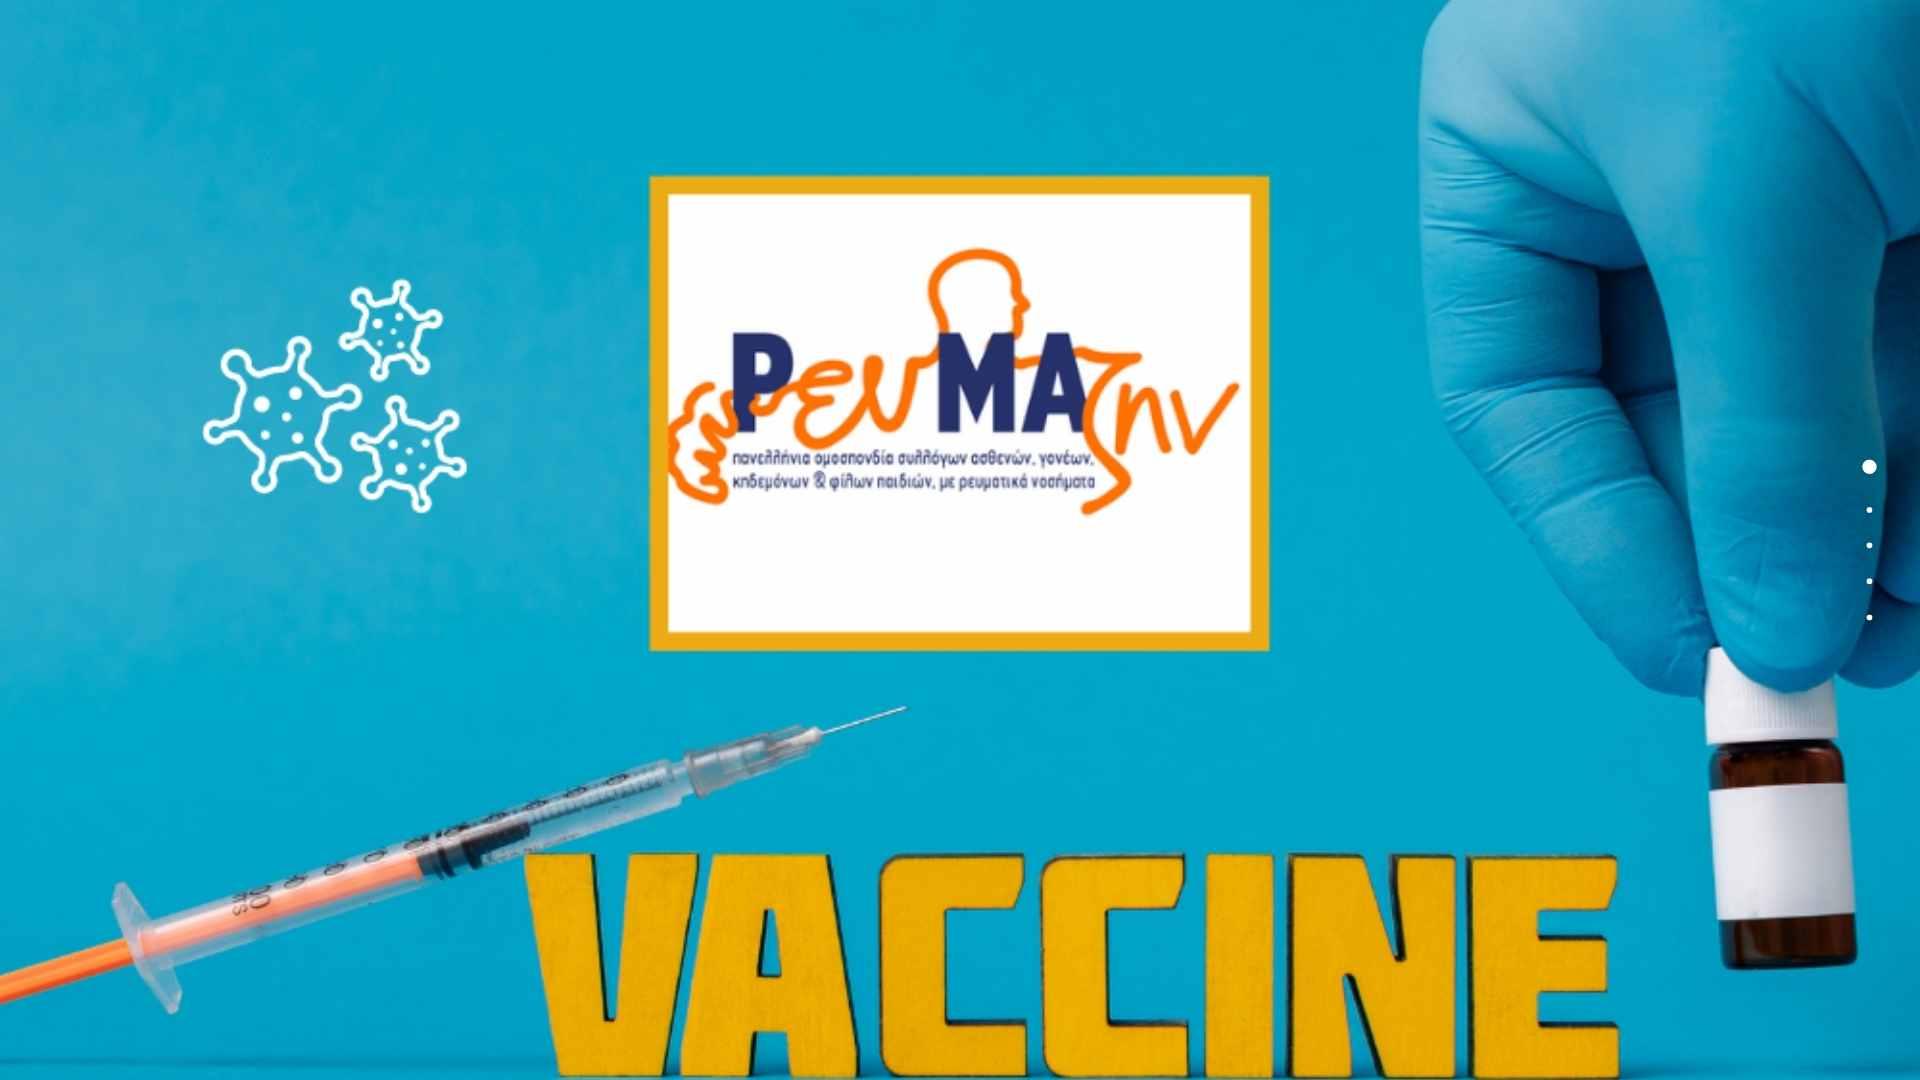 Δελτίο Τύπου ΡευΜΑζήν: Ρευματοπαθείς και εμβολιασμός για τη νόσο COVID-19